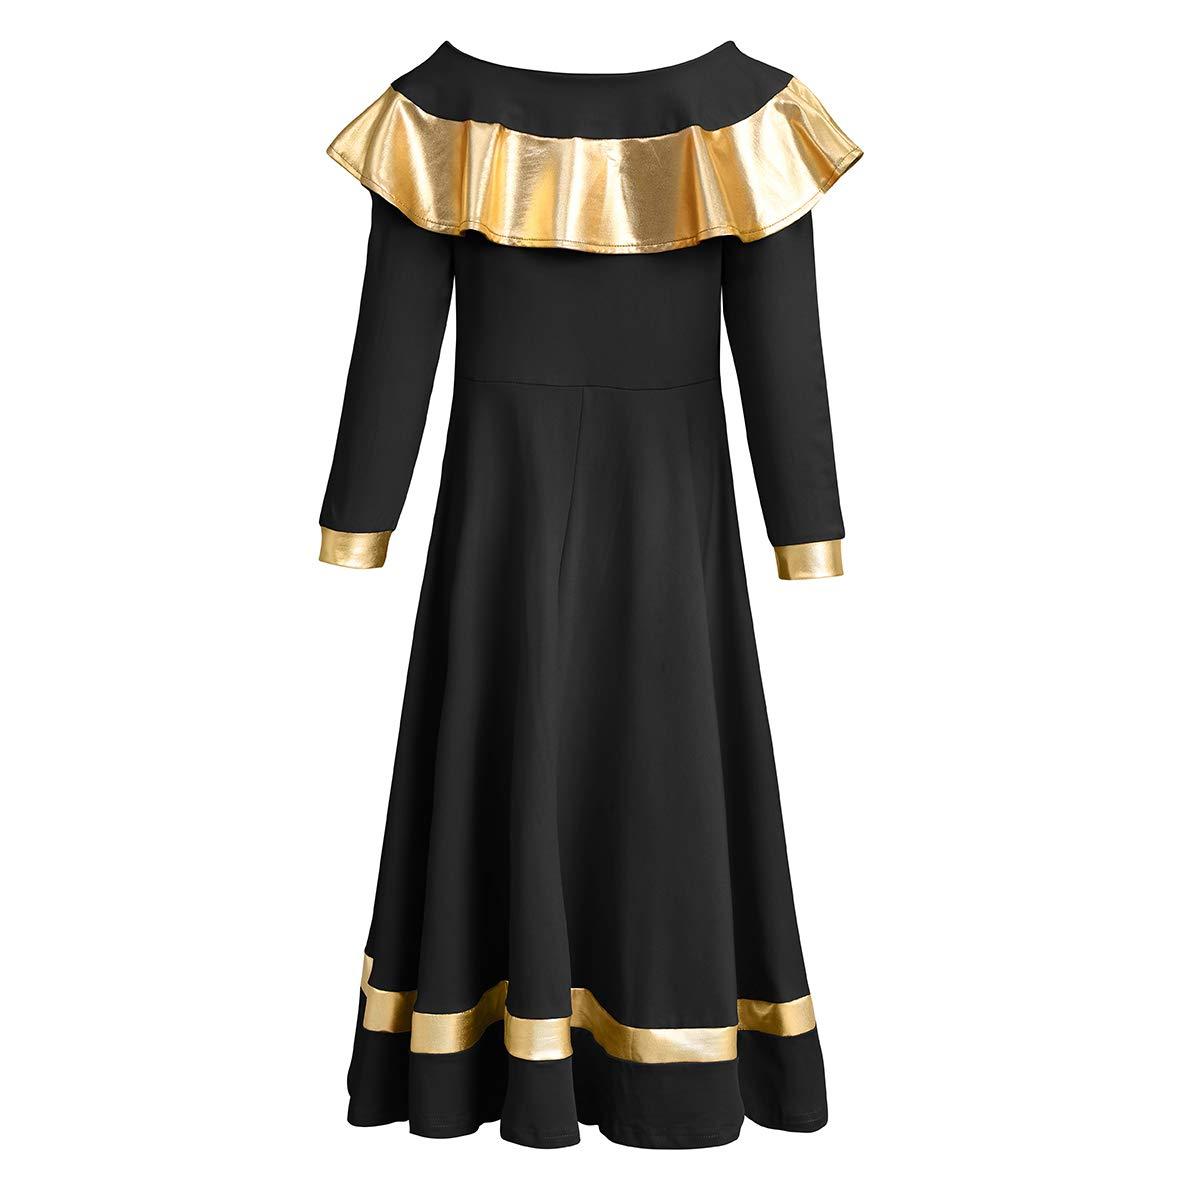 Amazon.com: OwlFay - Vestido de baile con volantes metálicos ...